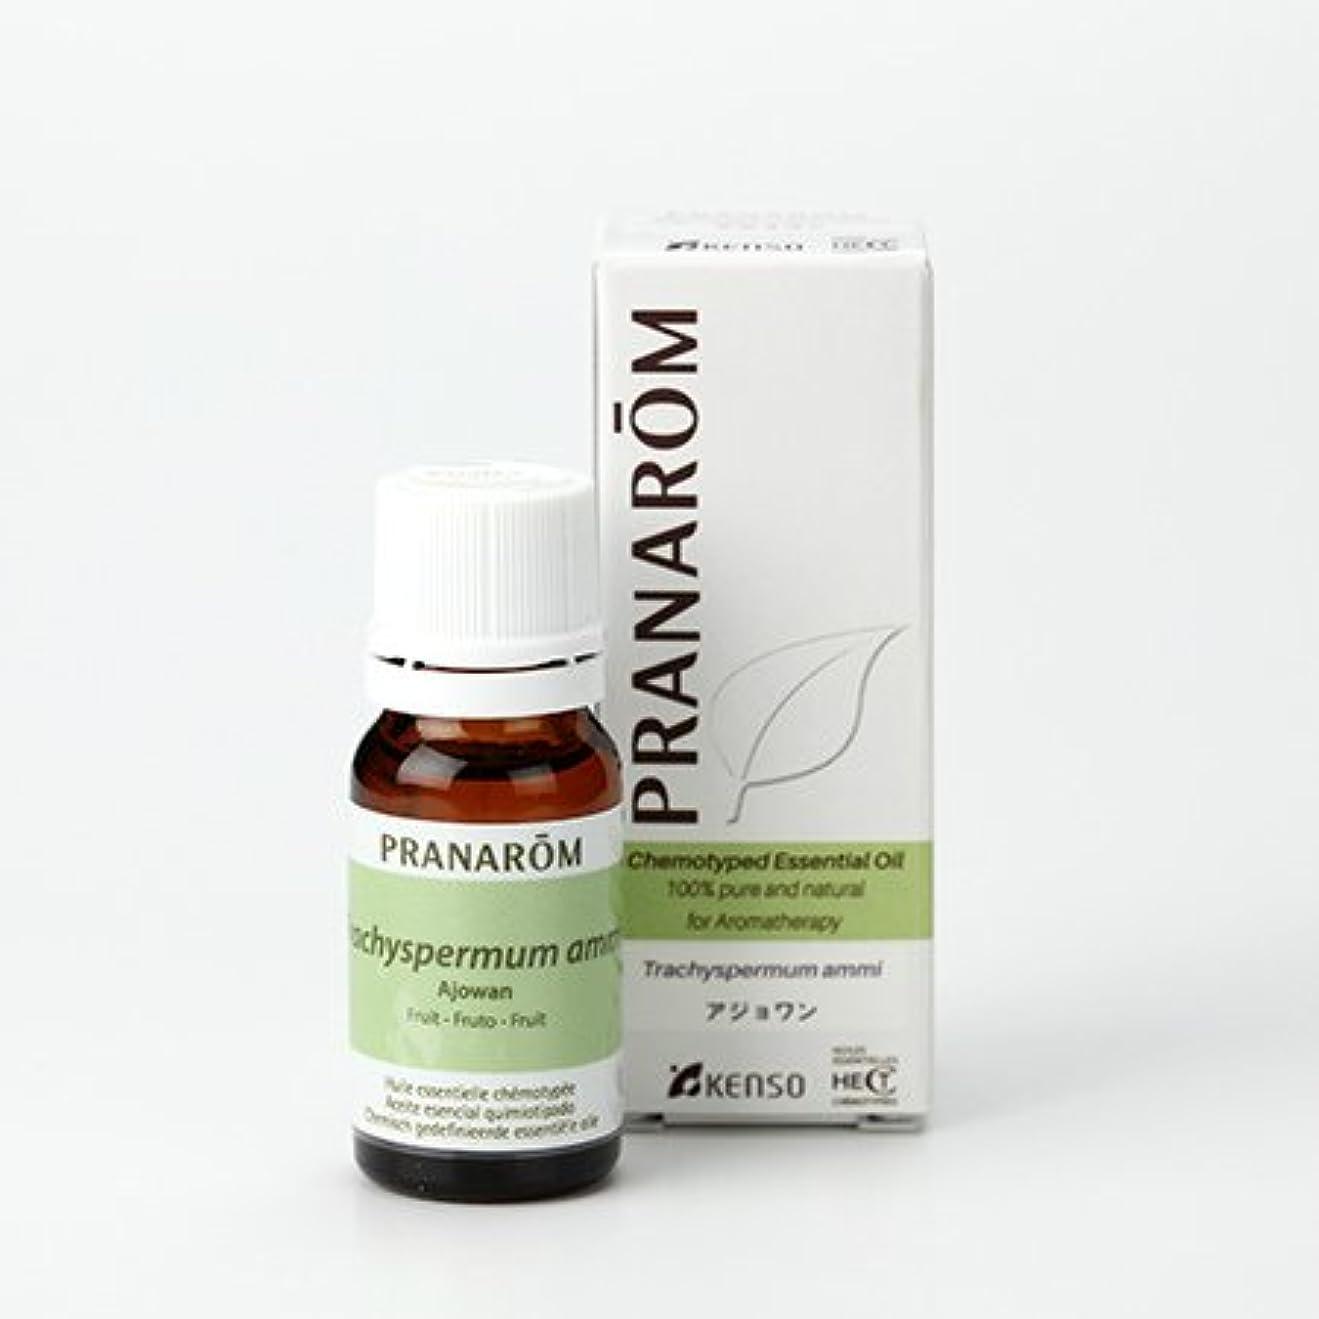 レベルレモン素敵なプラナロム アジョワン 10ml (PRANAROM ケモタイプ精油)